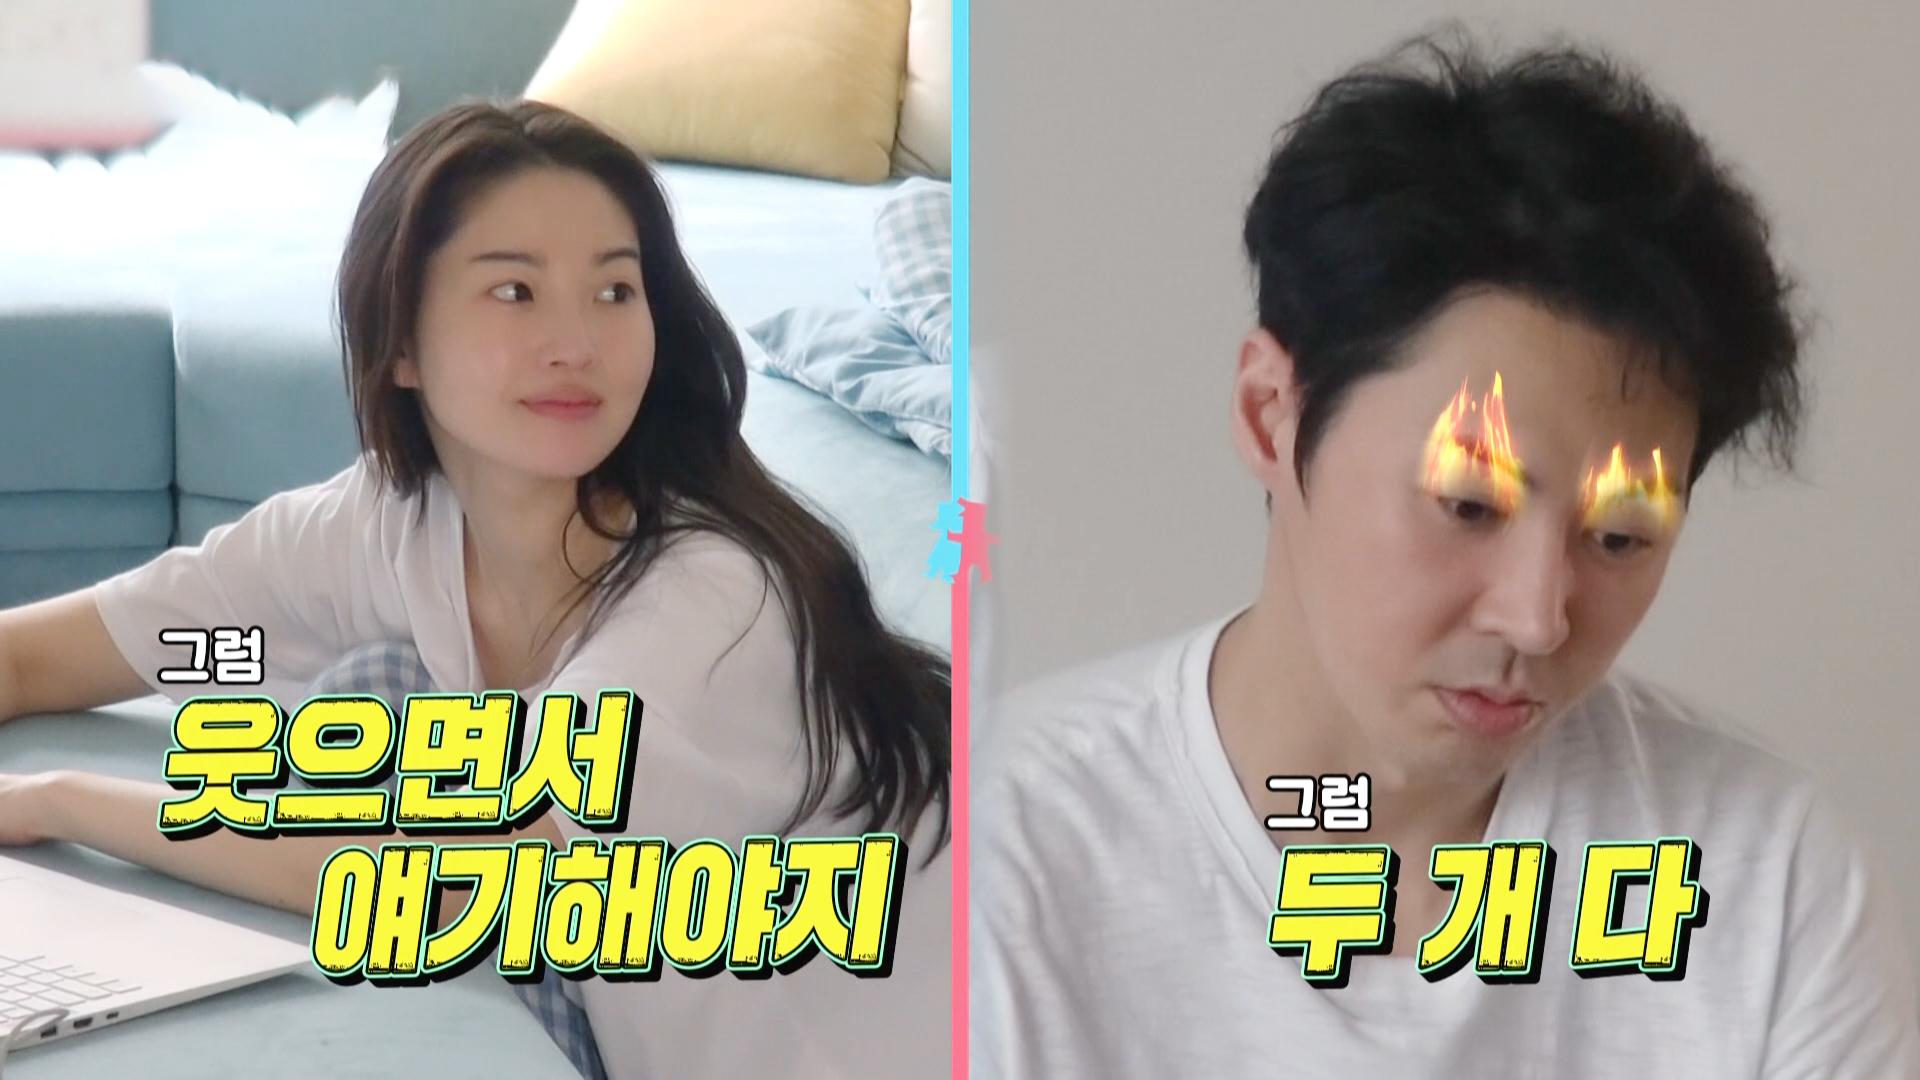 즉흥 전진 VS 신중 류이서, 사진 고르다 부부싸움 발발?!